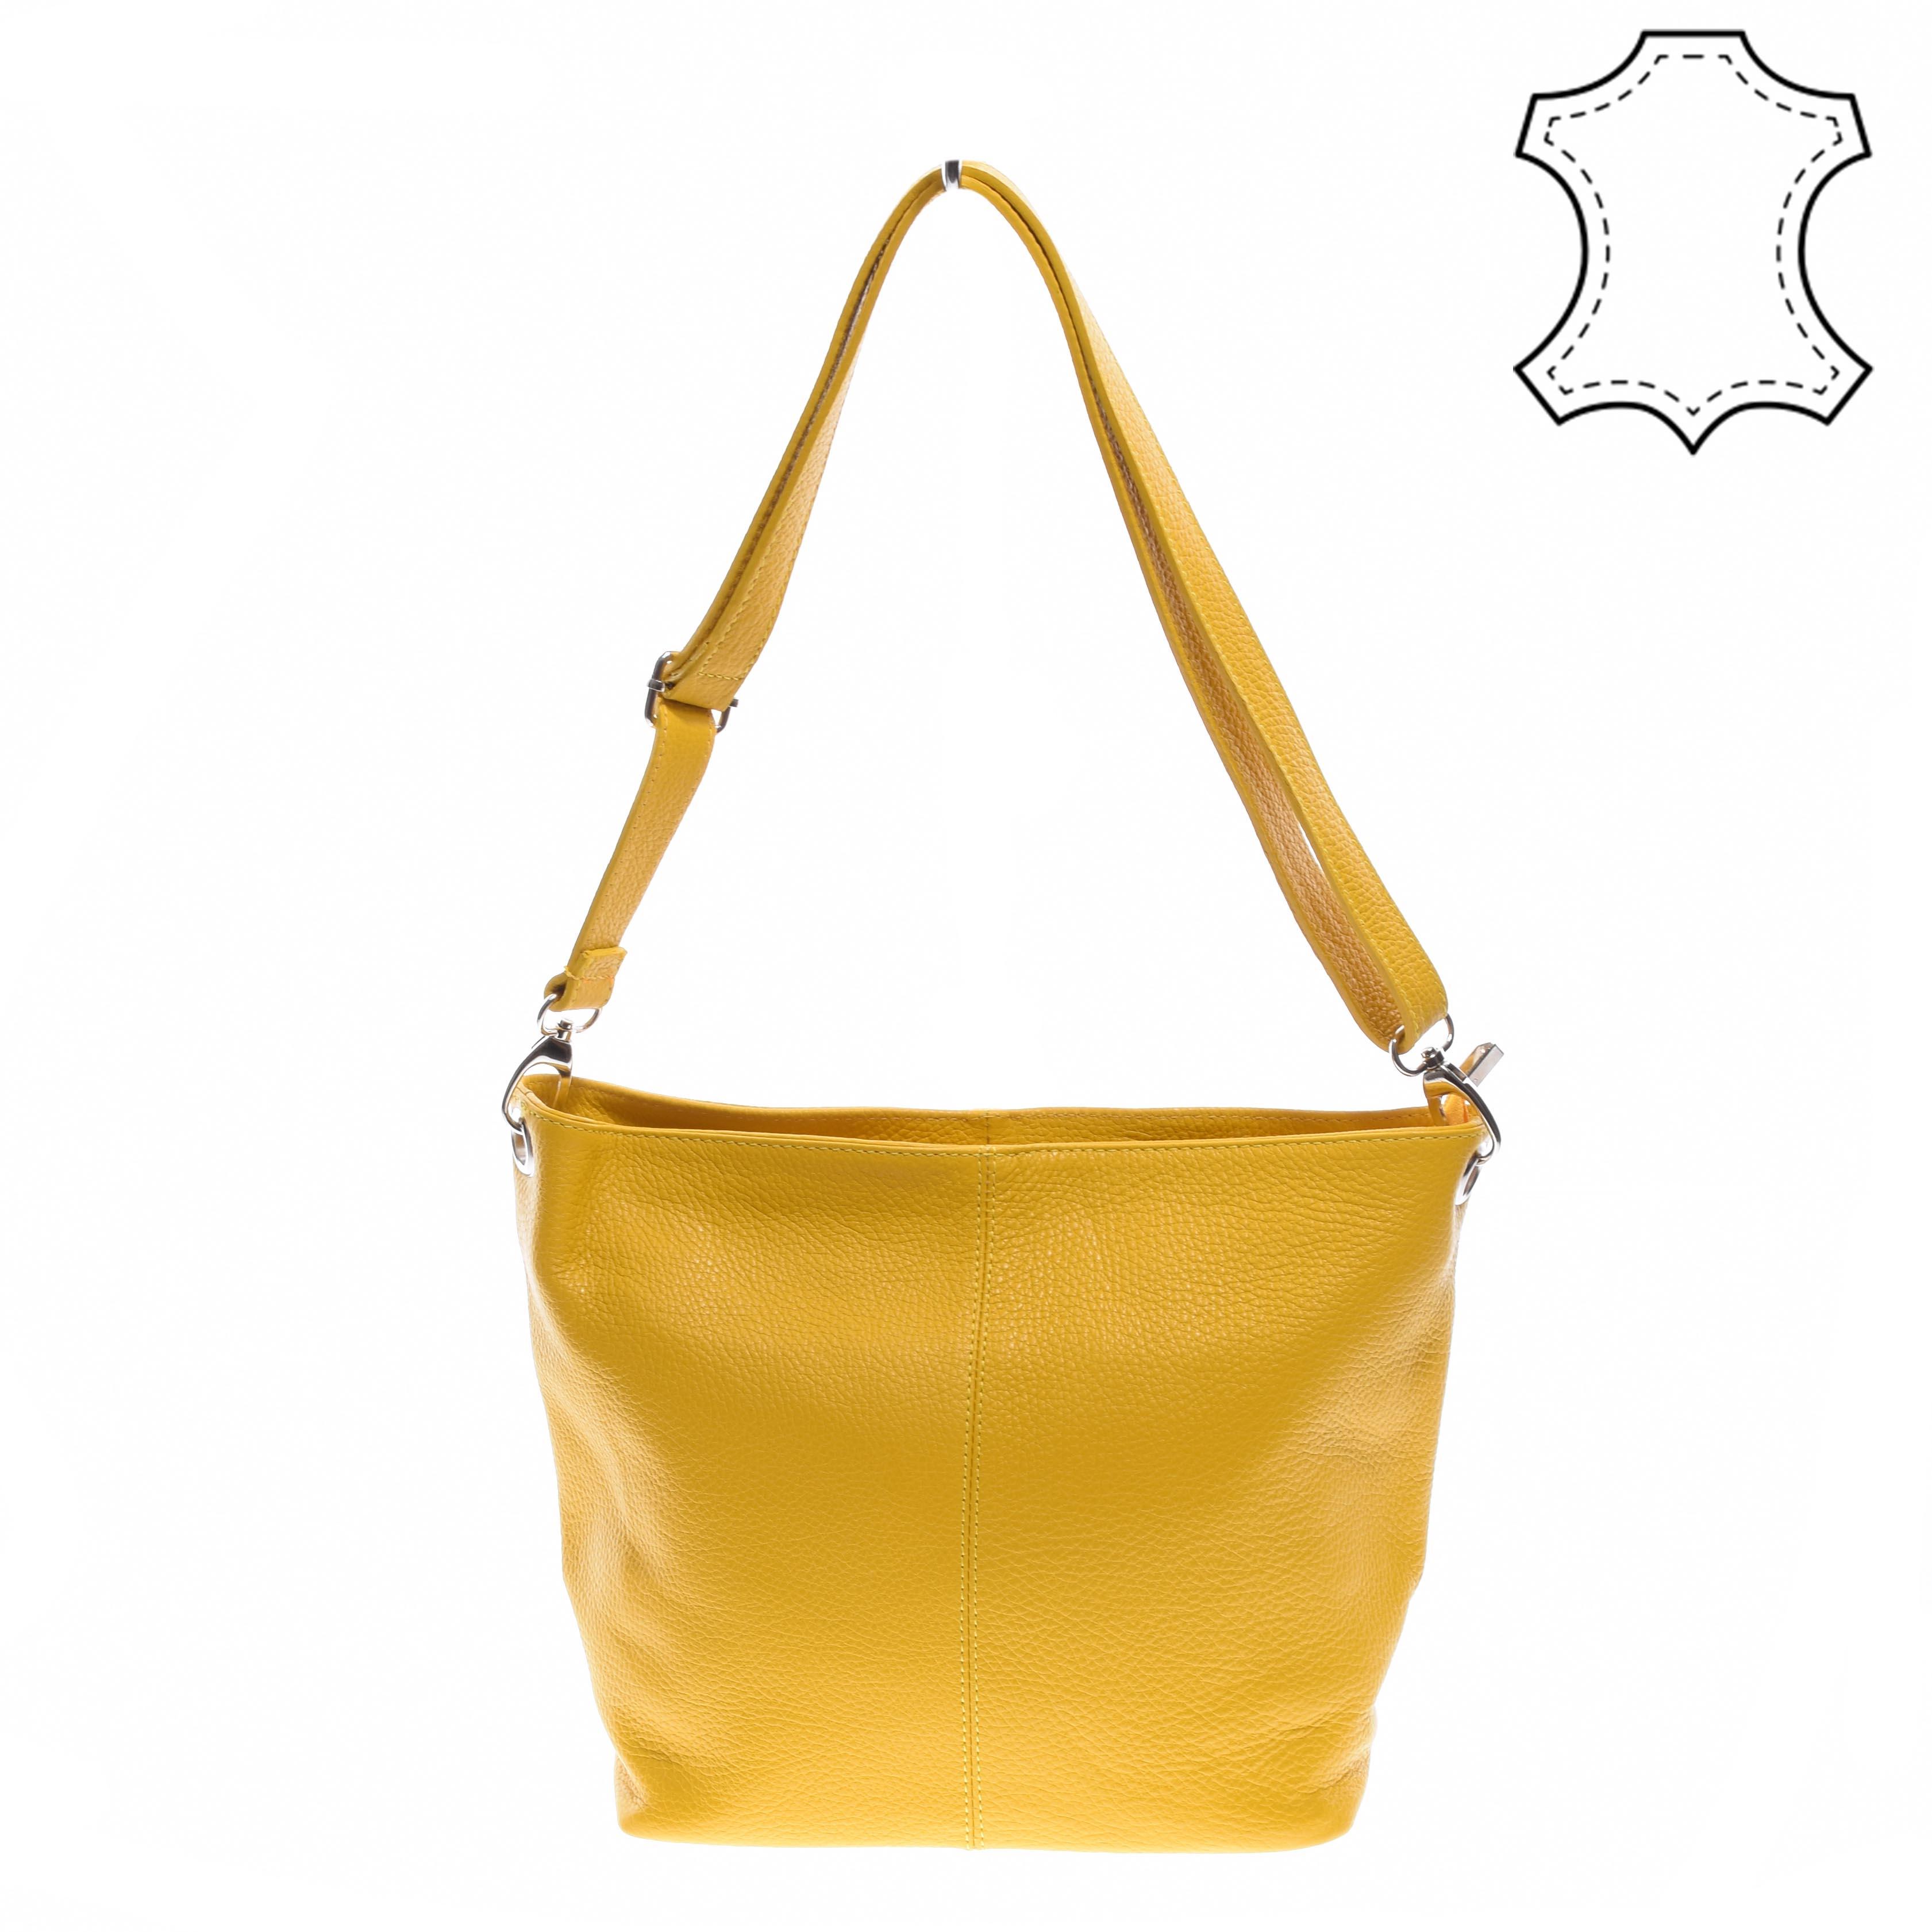 cbdd7802a4c6 Valódi Bőr Női Oldaltáska Sárga - Kézitáskák - Táska webáruház - Minőségi  táskák mindenkinek